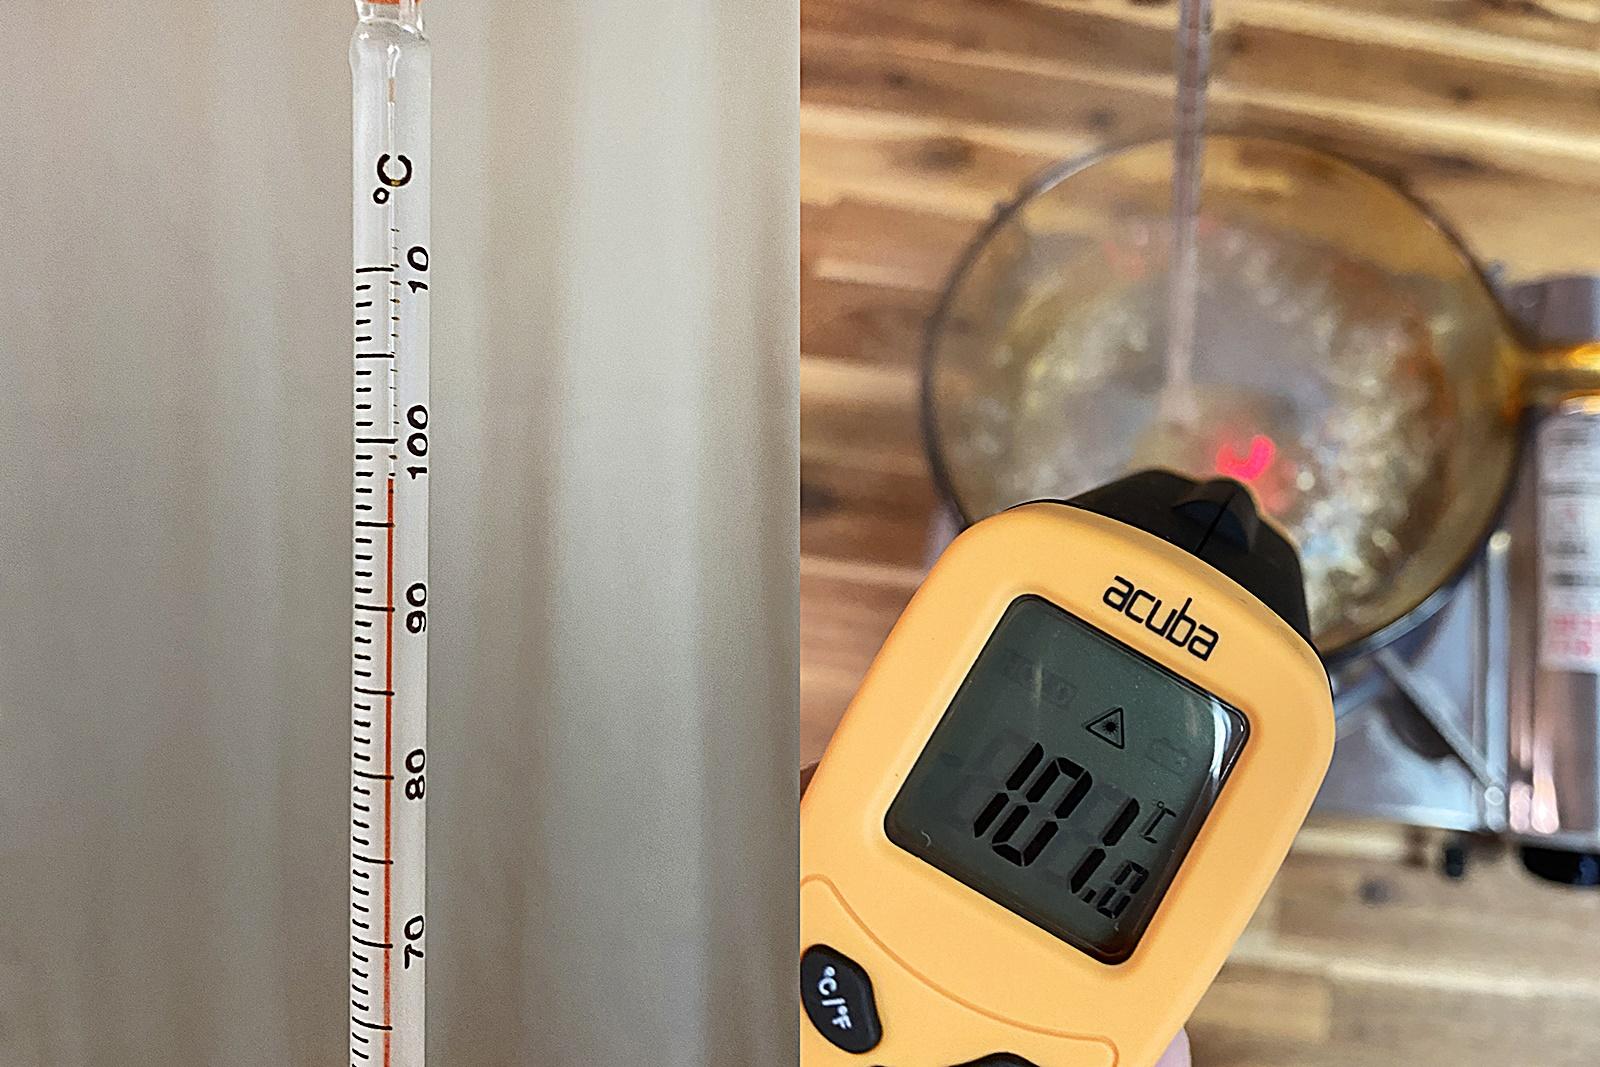 유리 냄비 물 끓이며 온도계 비교 실험 4